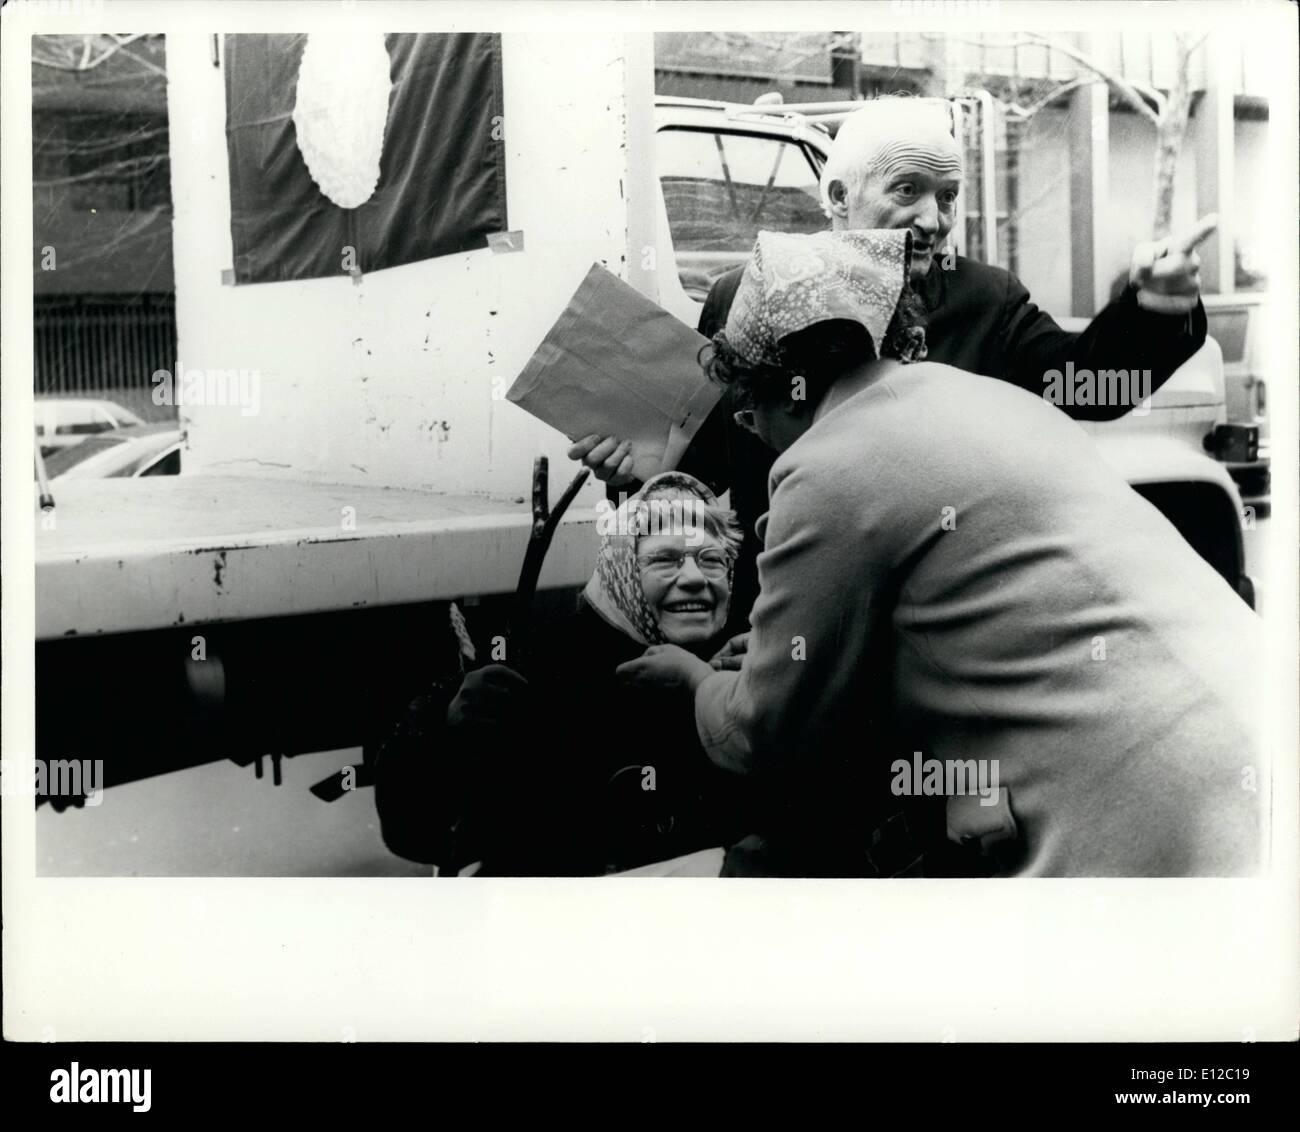 """Diciembre 16, 2011 - El día de la Tierra de 1977, Margaret Mead famoso antropólogo y presidenta internacional del Día de la Tierra 1977 del peldaño de la campana de la paz de la ONU en MARC 20, 1977 para indicar el momento del equinoccio de primavera y el día de la tierra. El día de la tierra se celebra para recordar a todas las personas de su parte en la preservación de este planeta. Se prevé que el día de la tierra un día festivo internacional. OPS: Margaret Mead obteniendo un ''babushka"""" contra el frío, viento y lluvia - John McConnell Presidente Sociedad de la Tierra (Earth Day Flag) Imagen De Stock"""